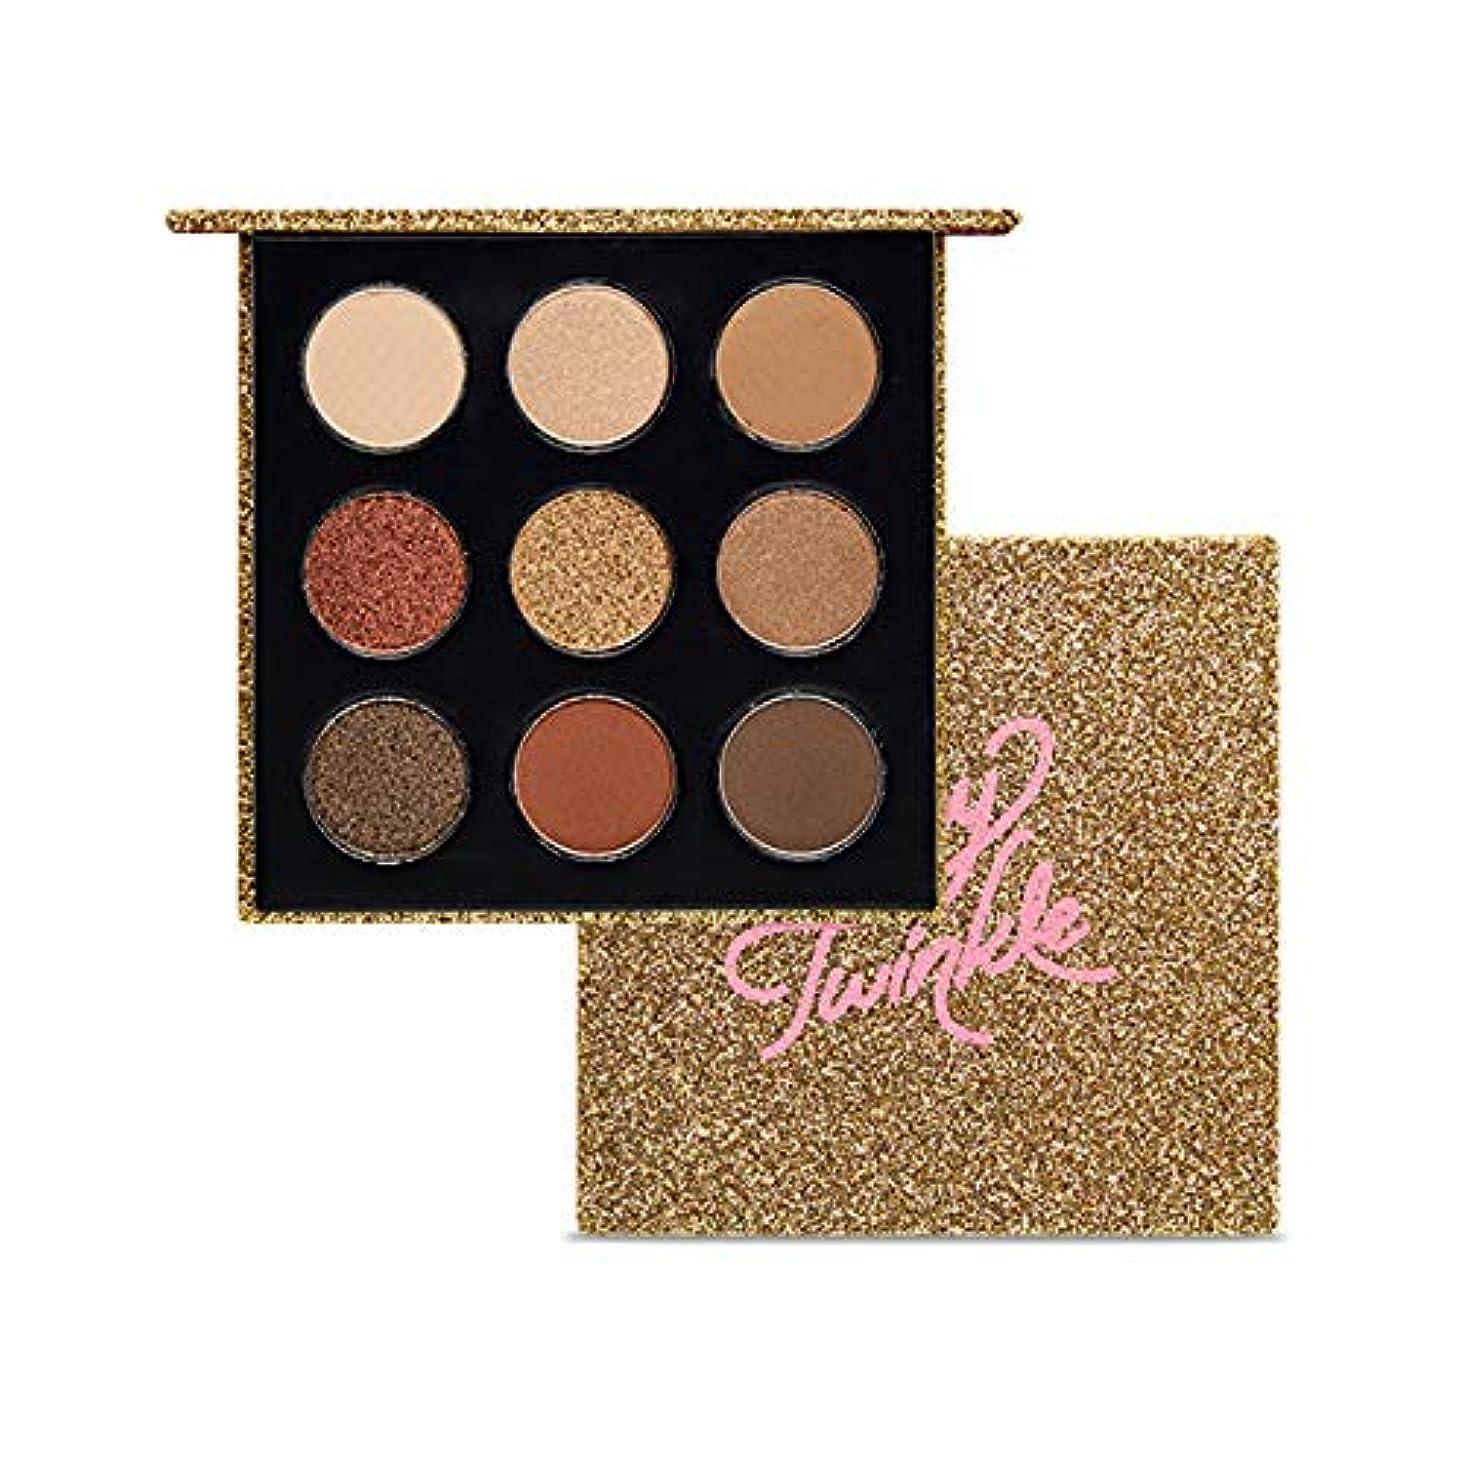 マーキーの中で湾ETUDE HOUSE 【Holiday】 Tiny Twinkle Color Eyes #02 Golden Bronze Ornament エチュードハウス タイニー トゥインクル カラー アイズ #02 ゴールデンブロンズ...